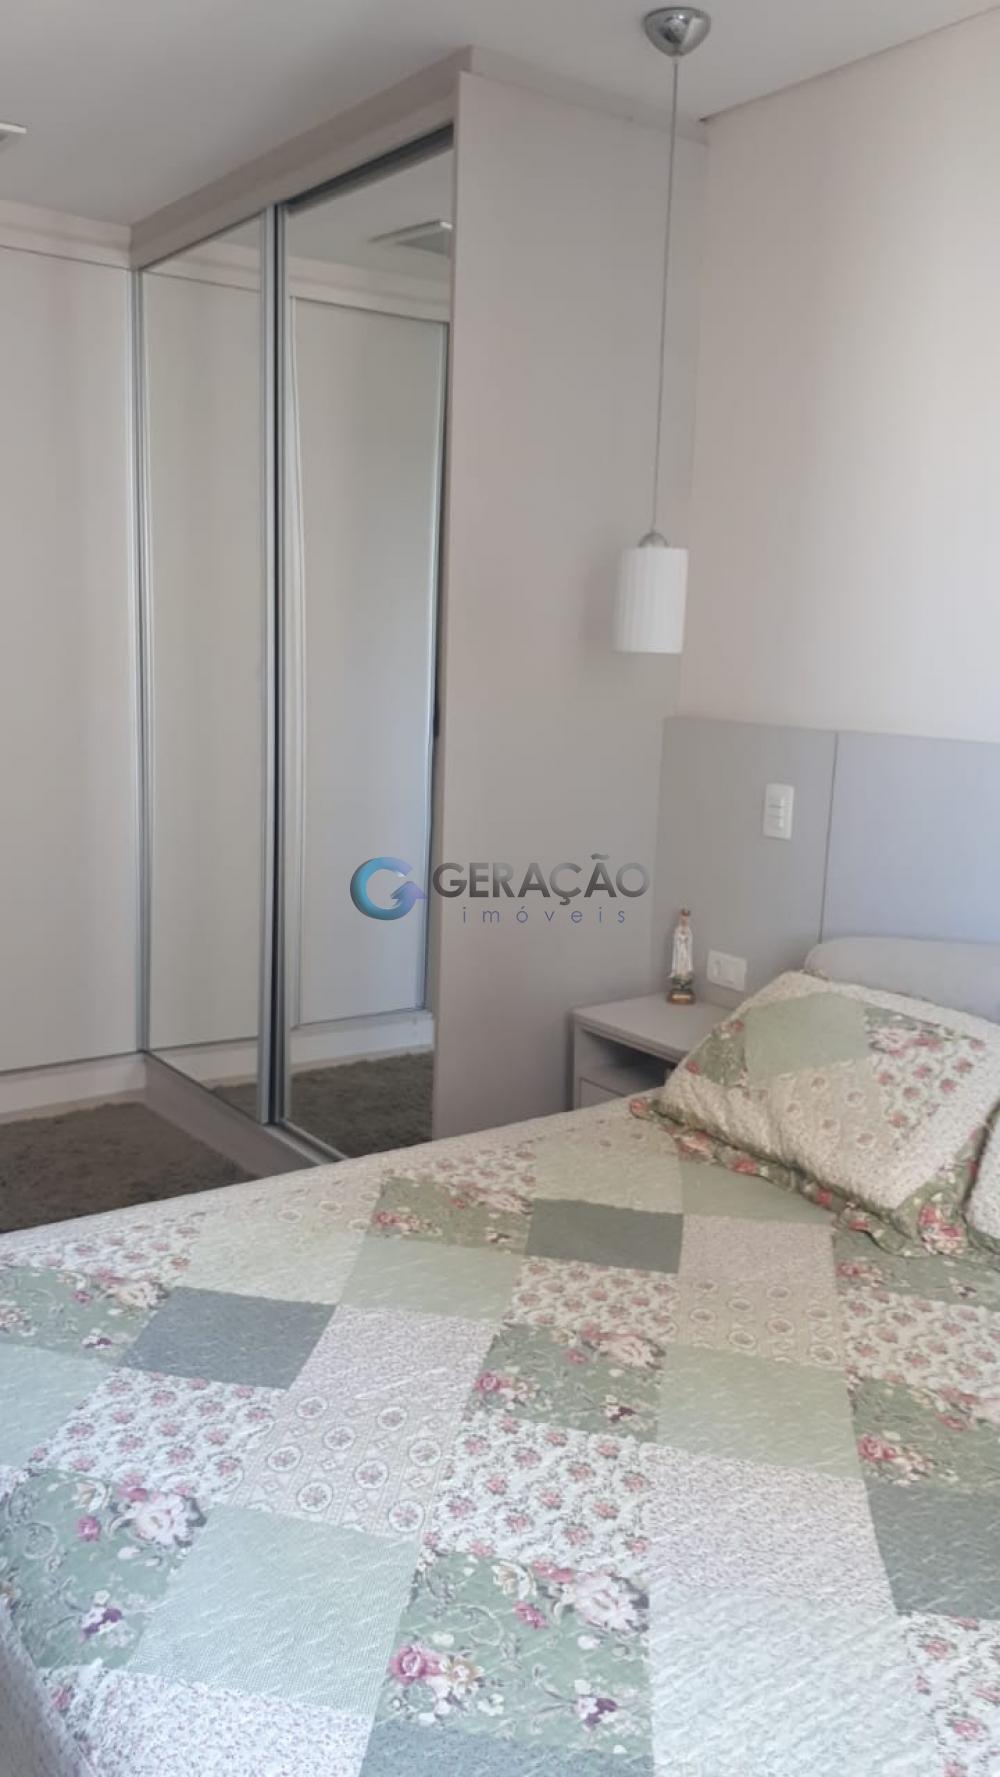 Comprar Apartamento / Padrão em São José dos Campos R$ 780.000,00 - Foto 22